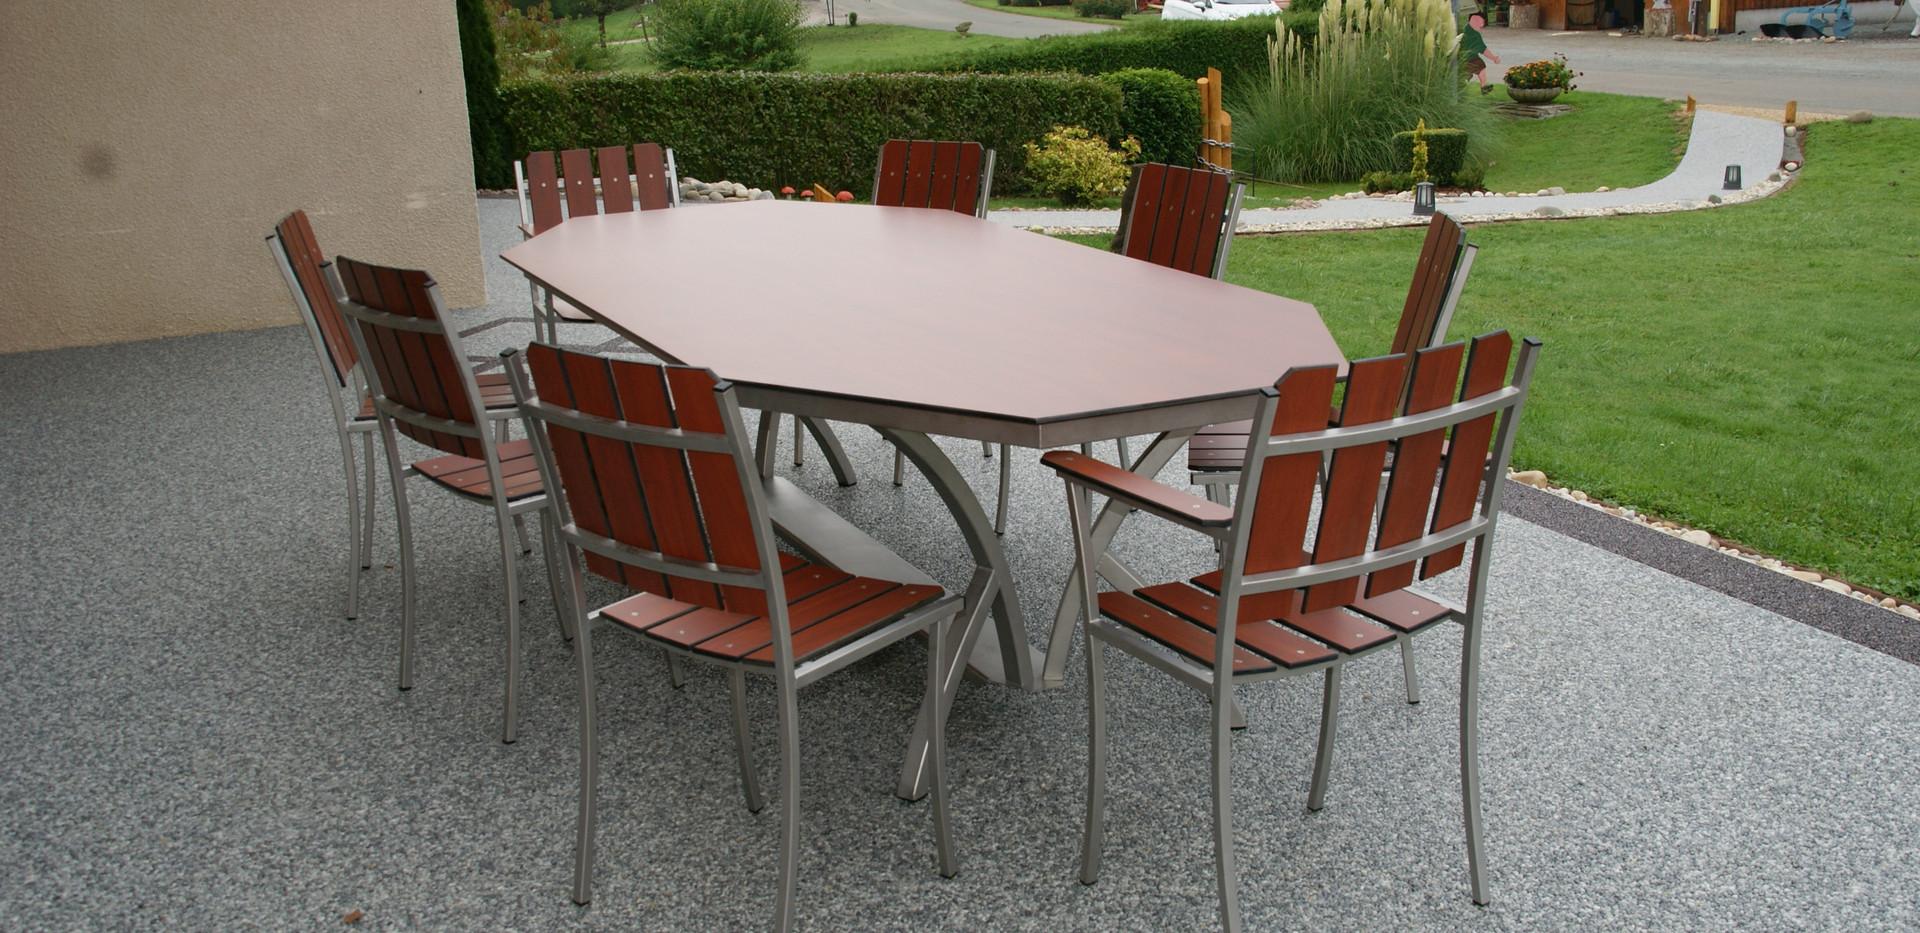 Table inox octogonale pieds cintrés